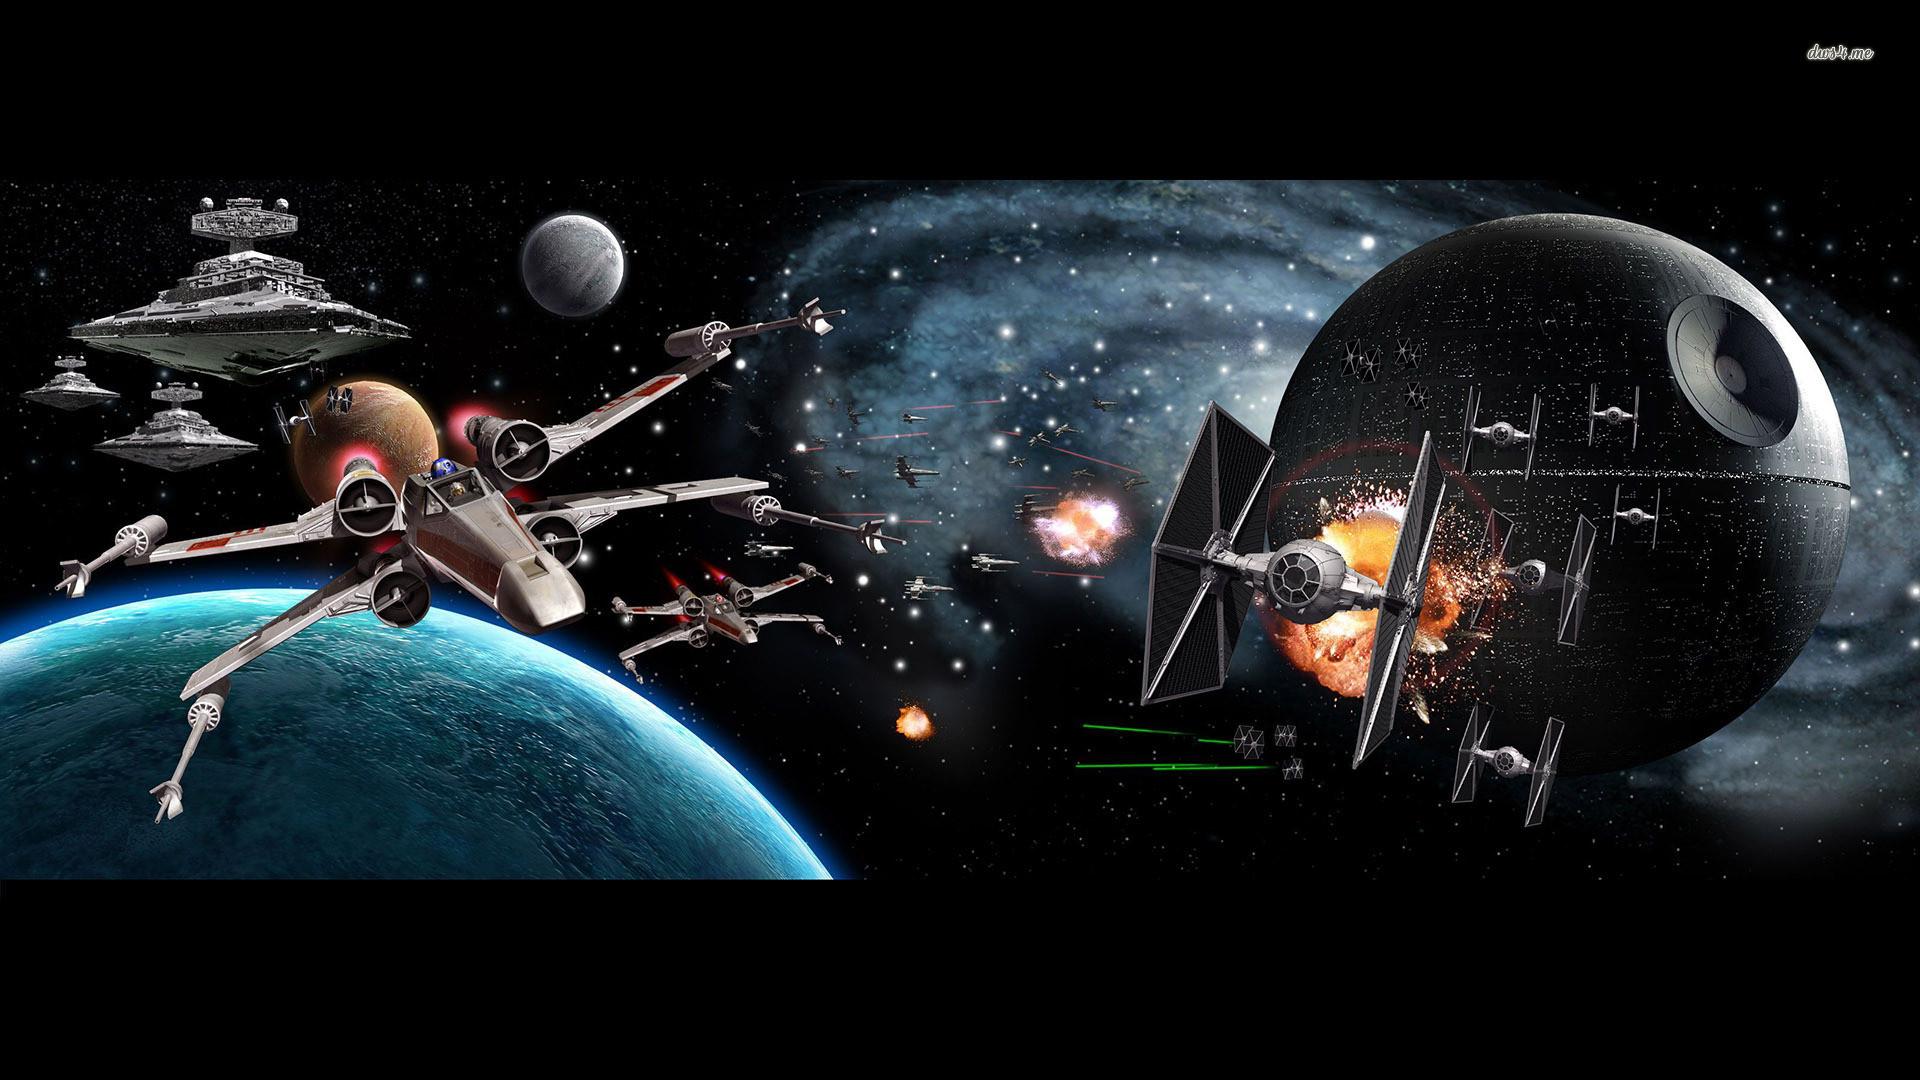 Movie – Star Wars X-Wing Star Destroyer Death Star TIE Fighter Wallpaper